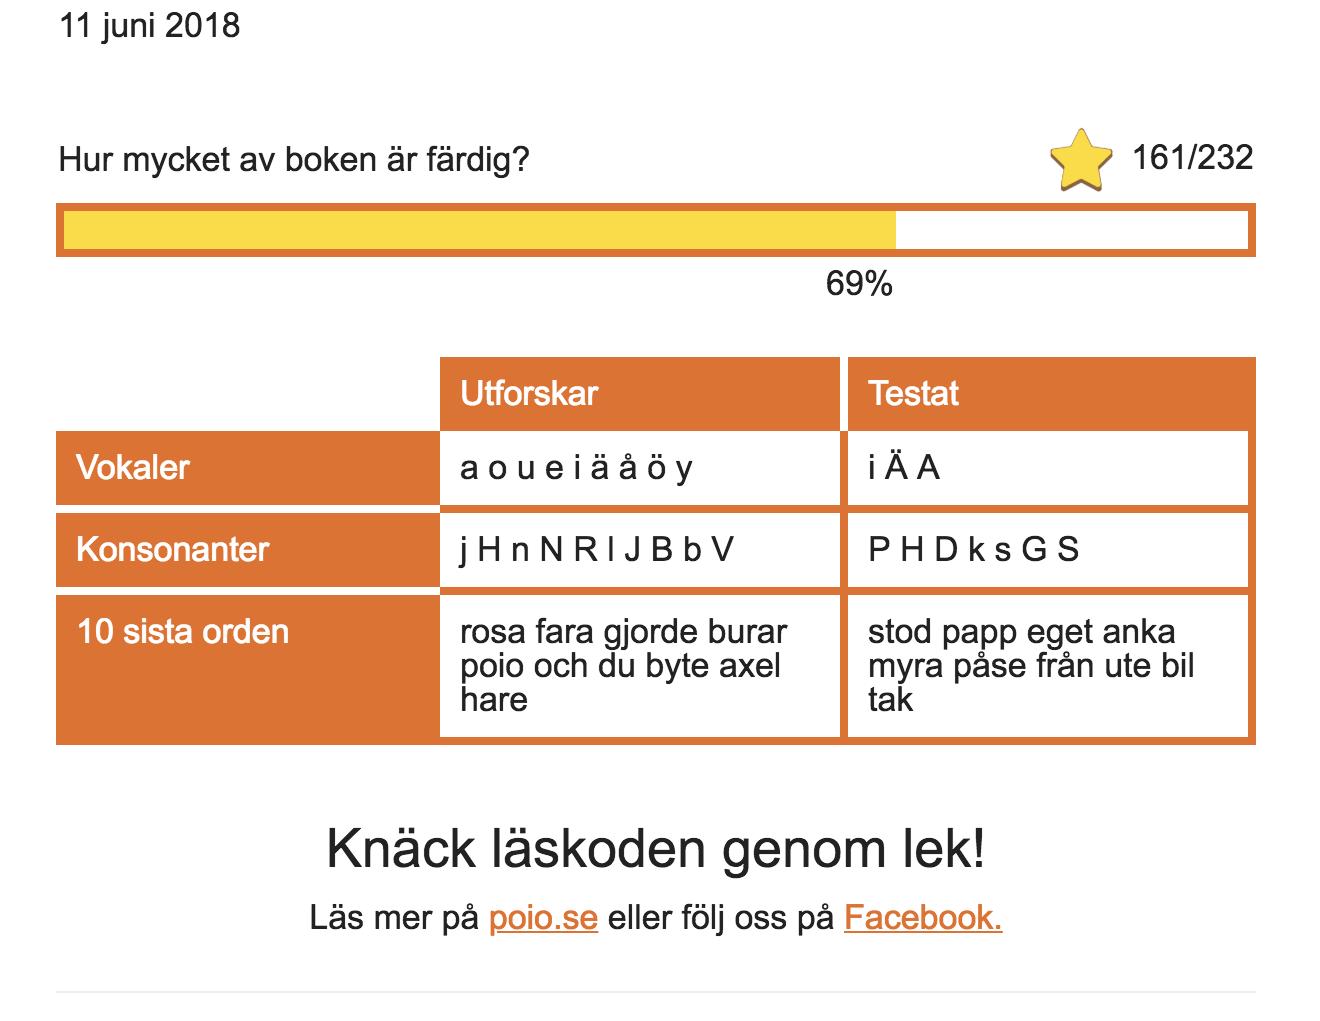 Skjermbilde 2018-06-11 kl. 23.54.46.png